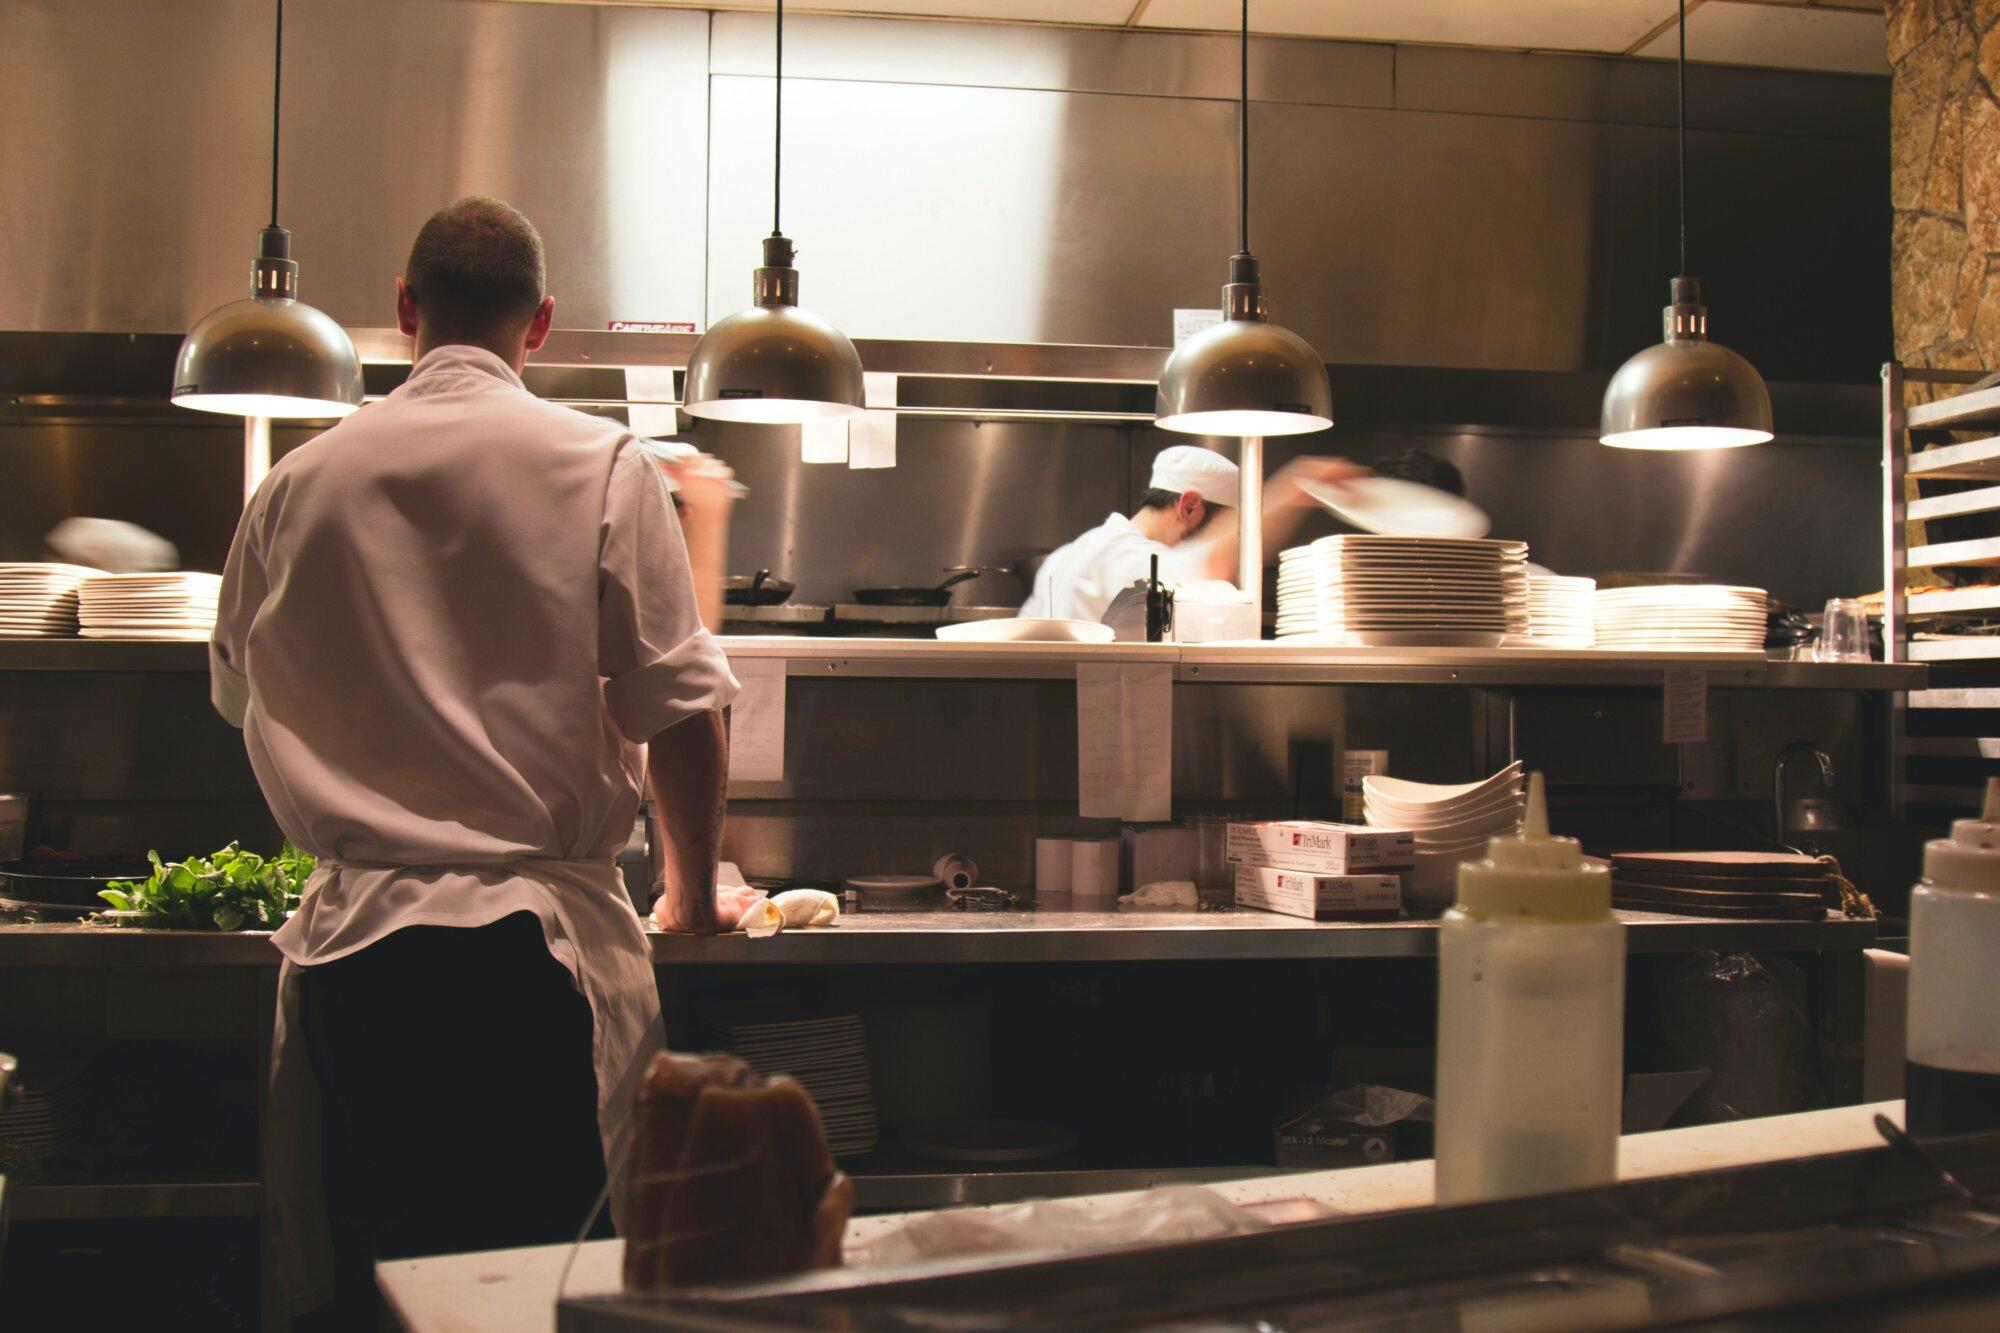 Souschef restaurant met 'sharing concept' Knokke